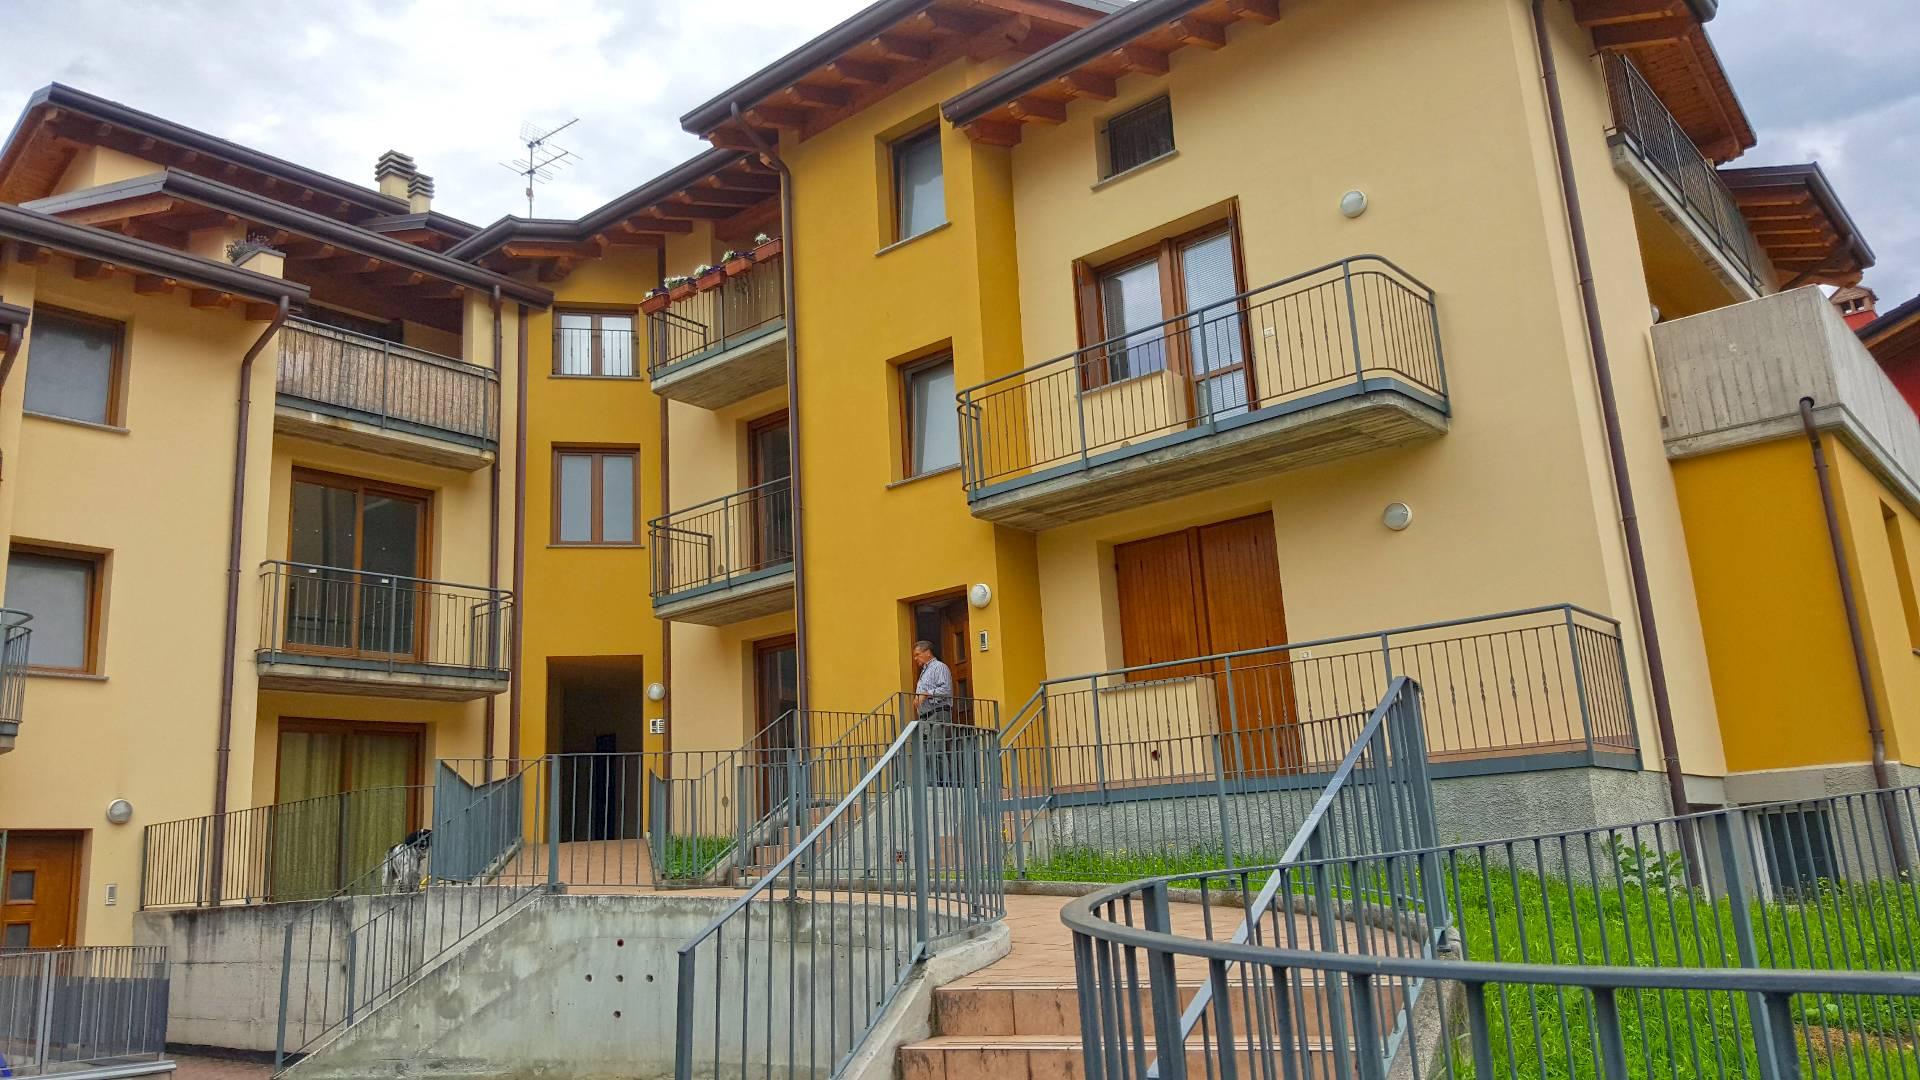 Appartamento in vendita a Bienno, 5 locali, prezzo € 125.000 | Cambio Casa.it